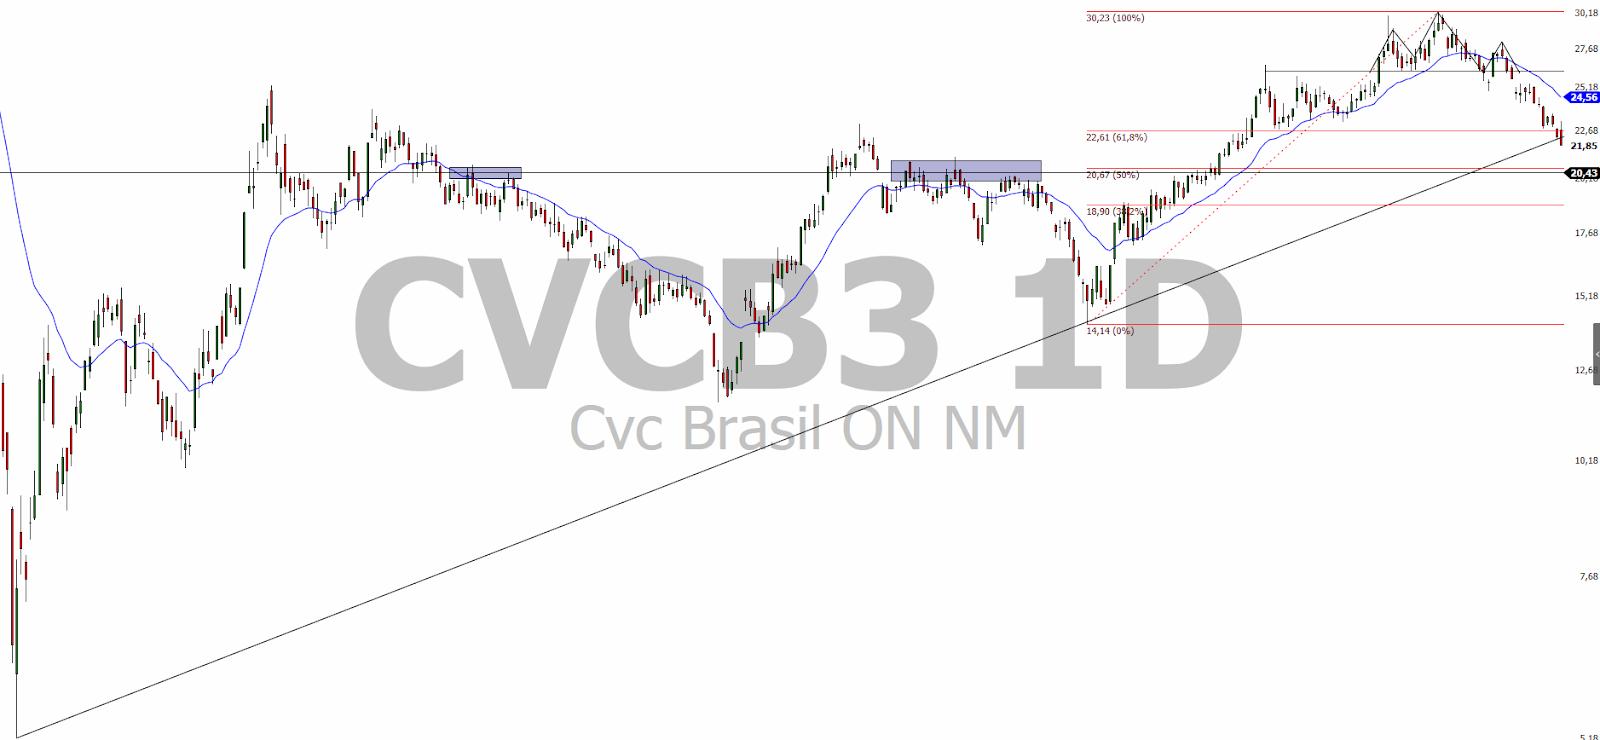 CVCB3 gráfico diário, Fonte: Nelogica Profit Pro